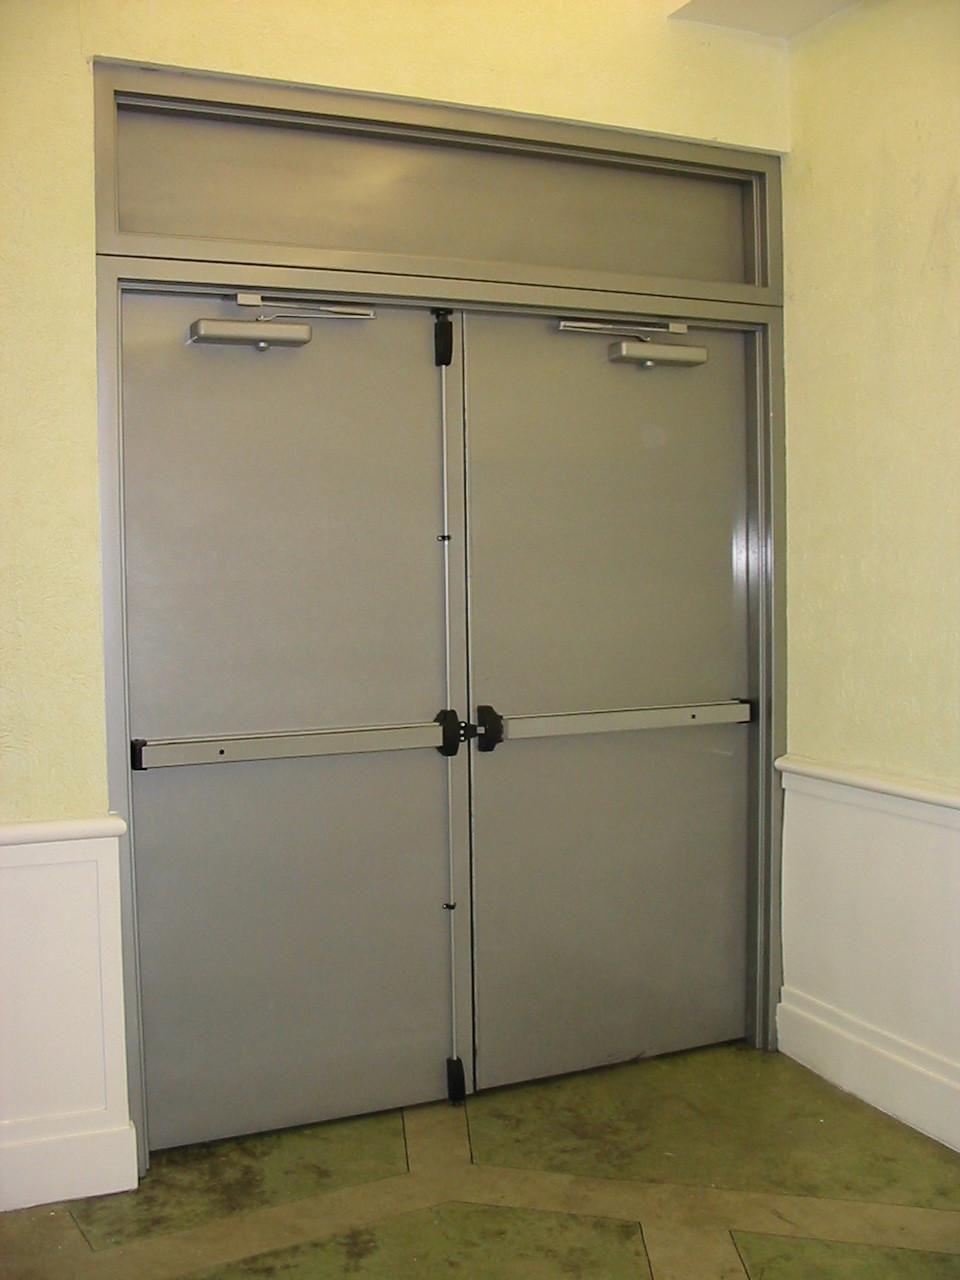 Puertas metalicas resistentes al fuego barras antipanico for Puertas metalicas